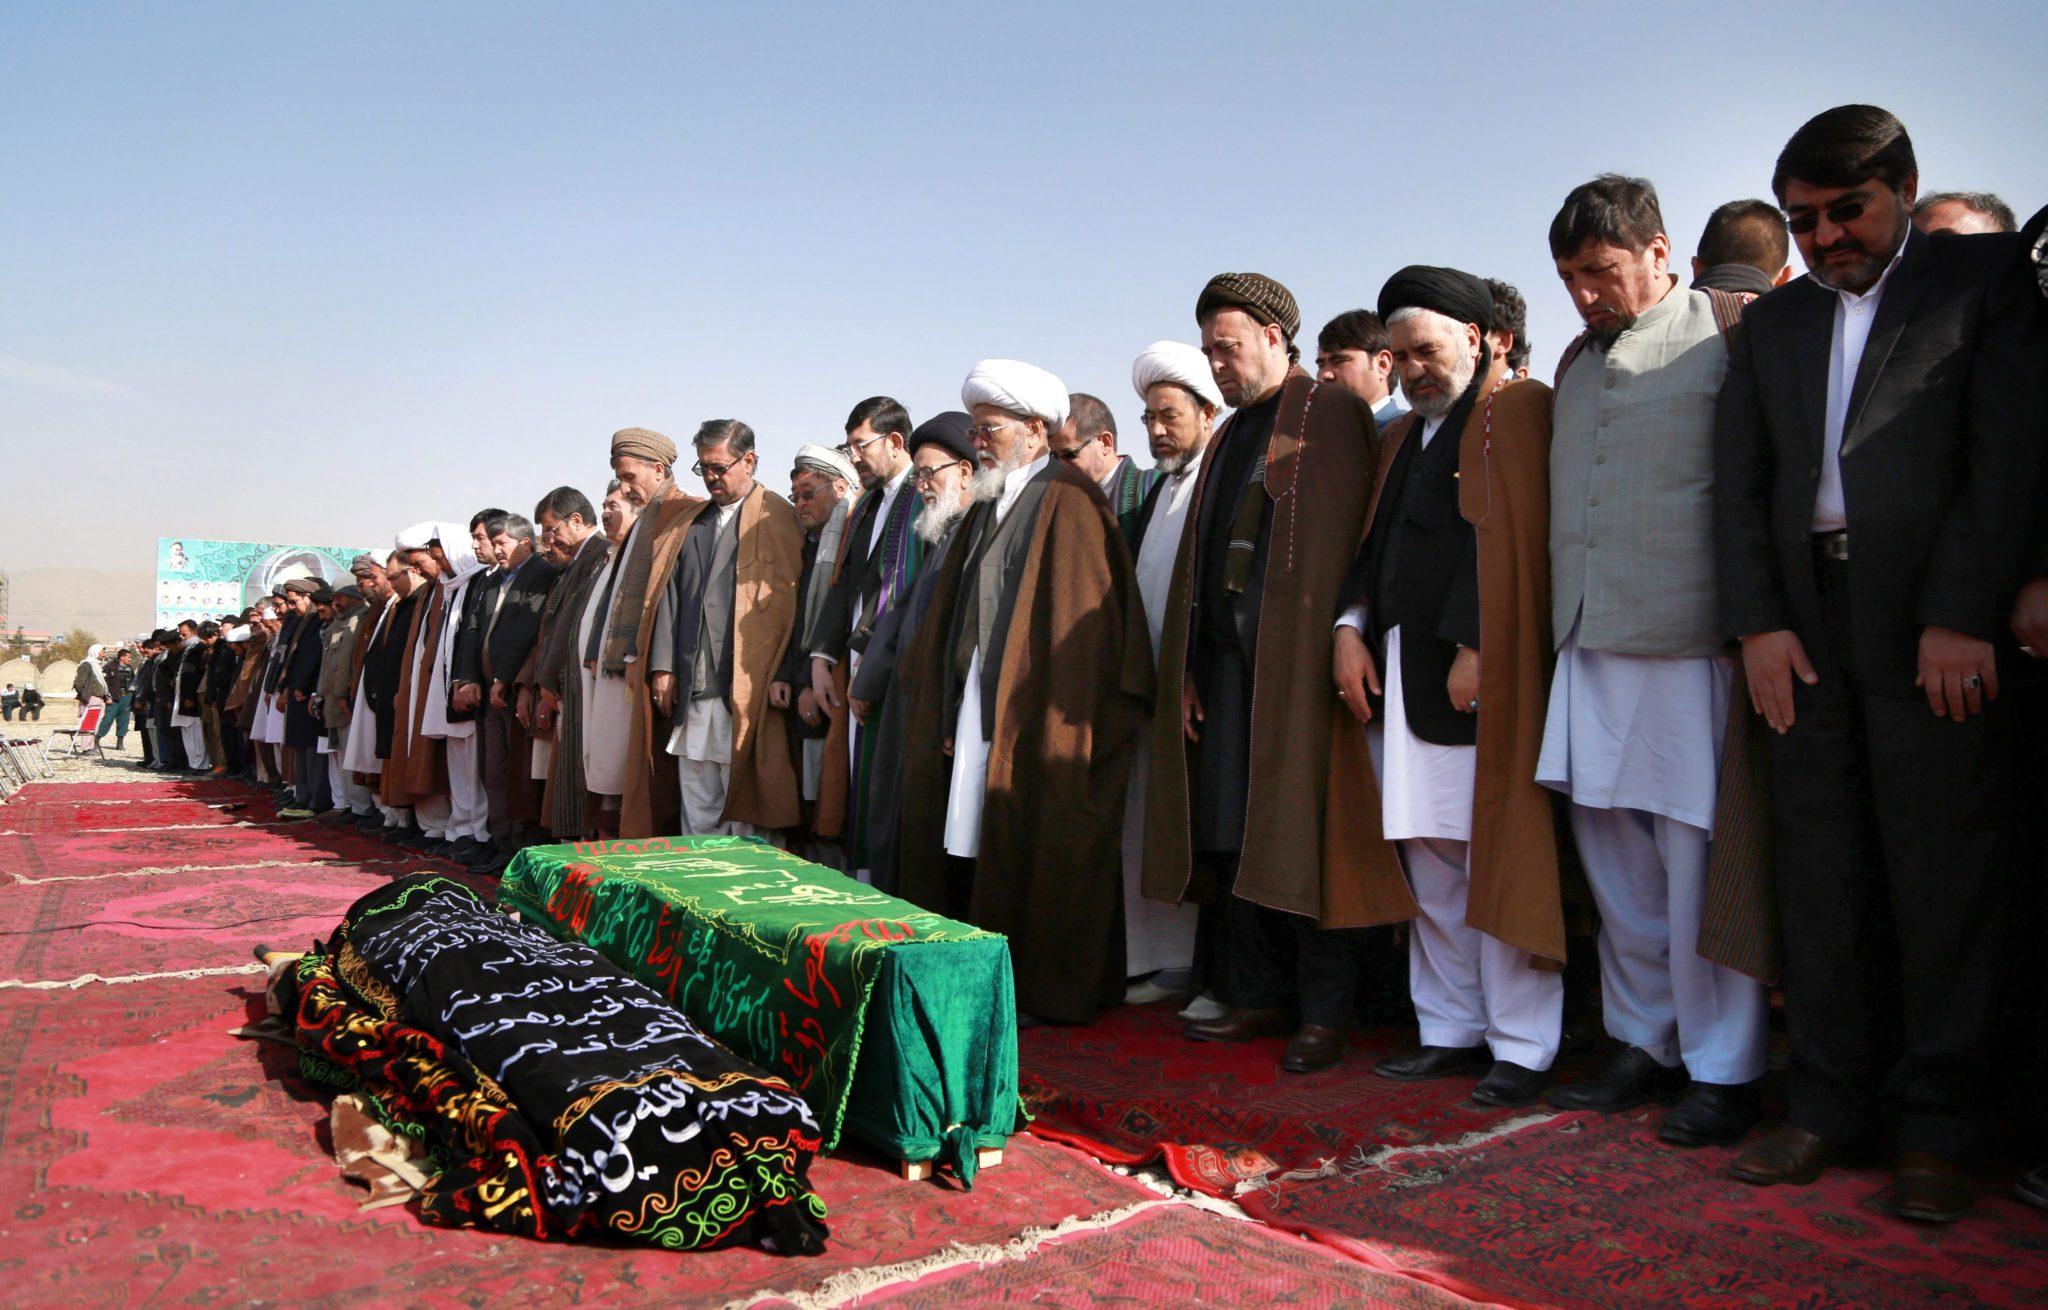 Afganistan: pogrzeb ofiar samobójczego zamachu w Kabulu (foto. PAP/EPA/HEDAYATULLAH AMID)